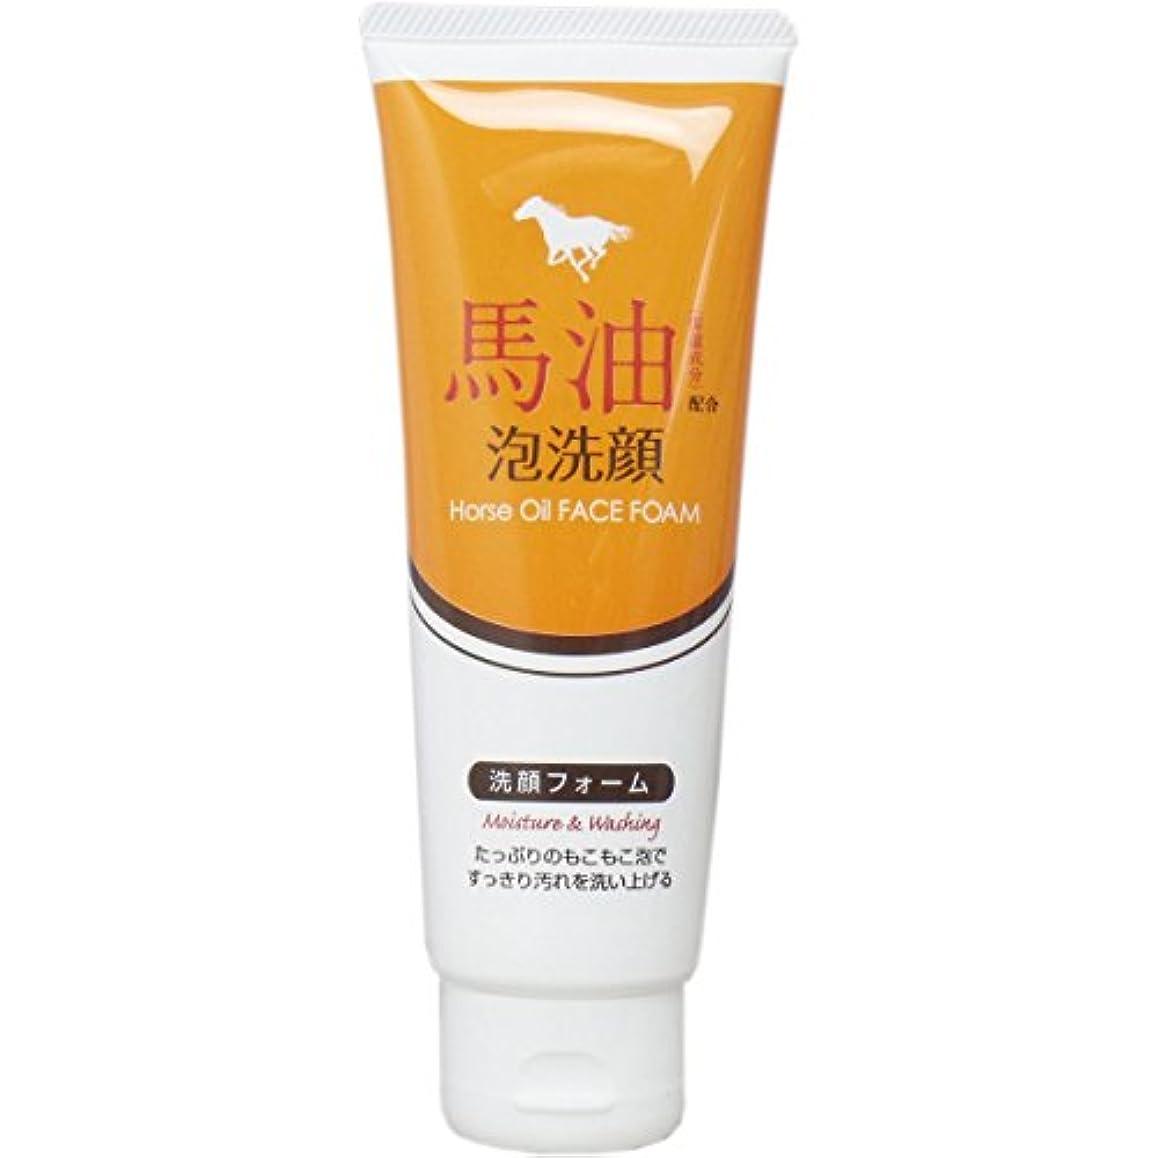 外観レザー再生可能馬油配合泡洗顔 洗顔フォーム 130g